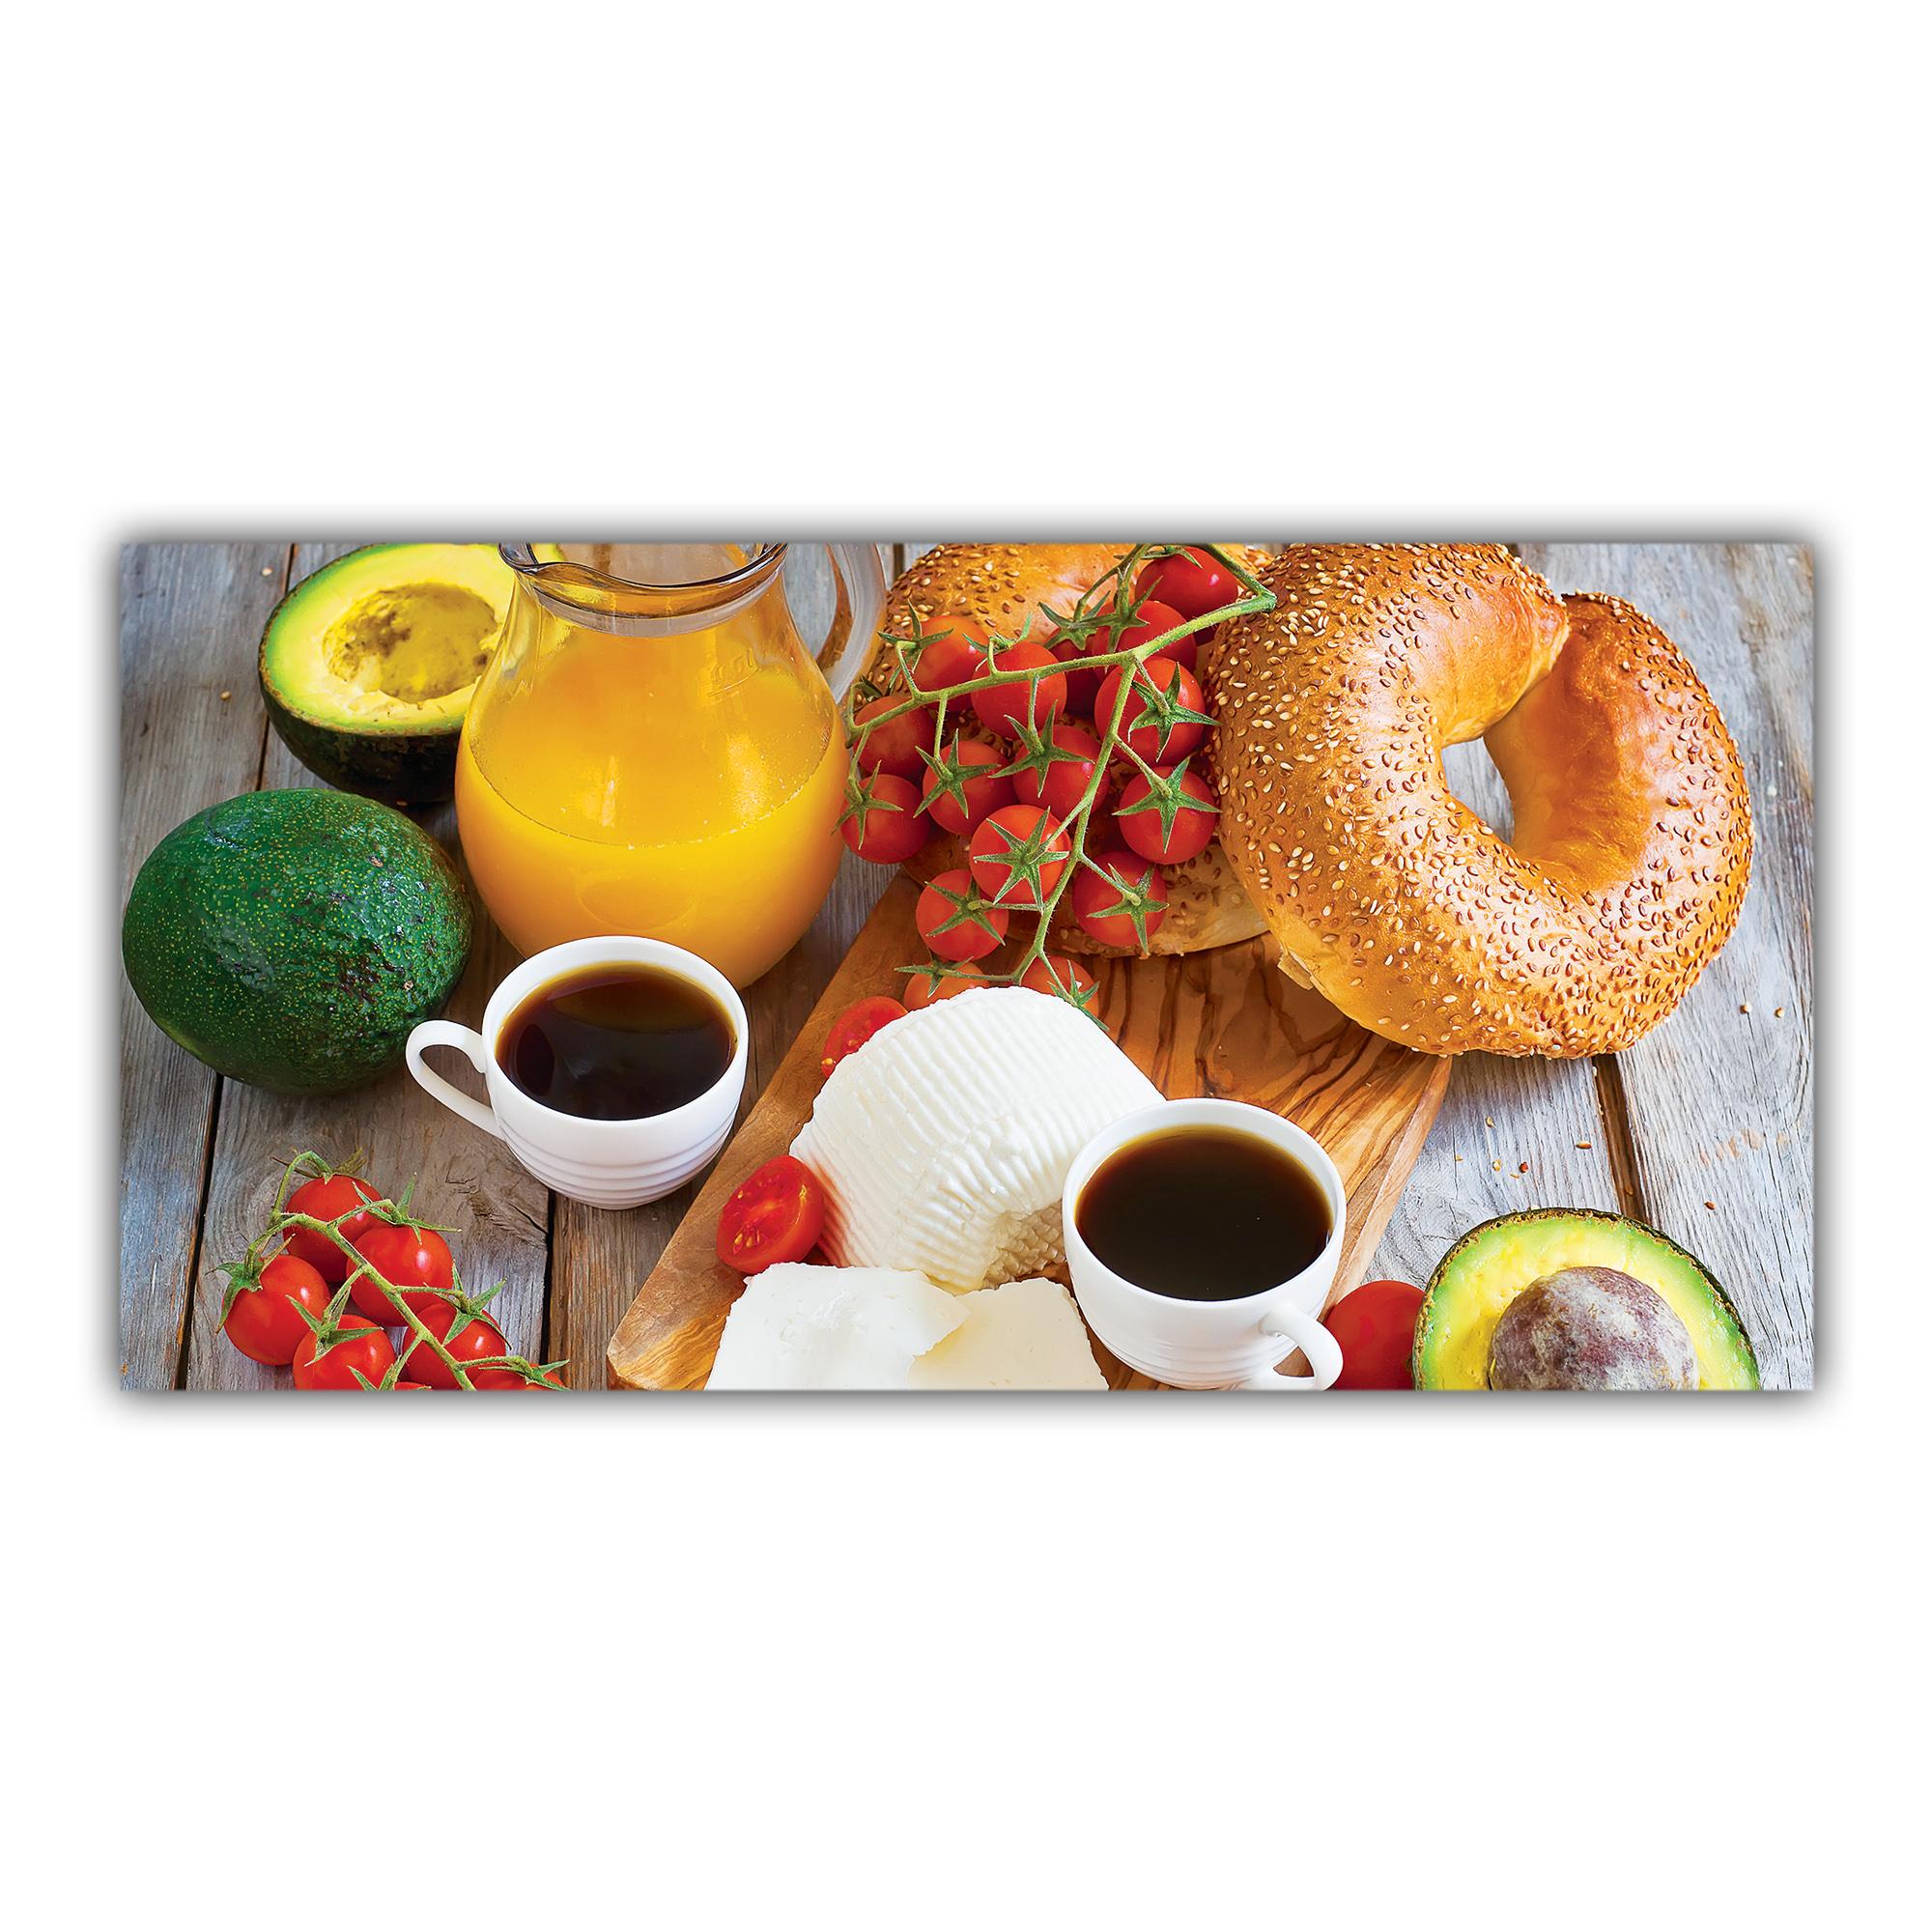 Petit d jeuner caf jus d 39 orange plaque imprim e pour - Pelure d orange pour parfumer ...